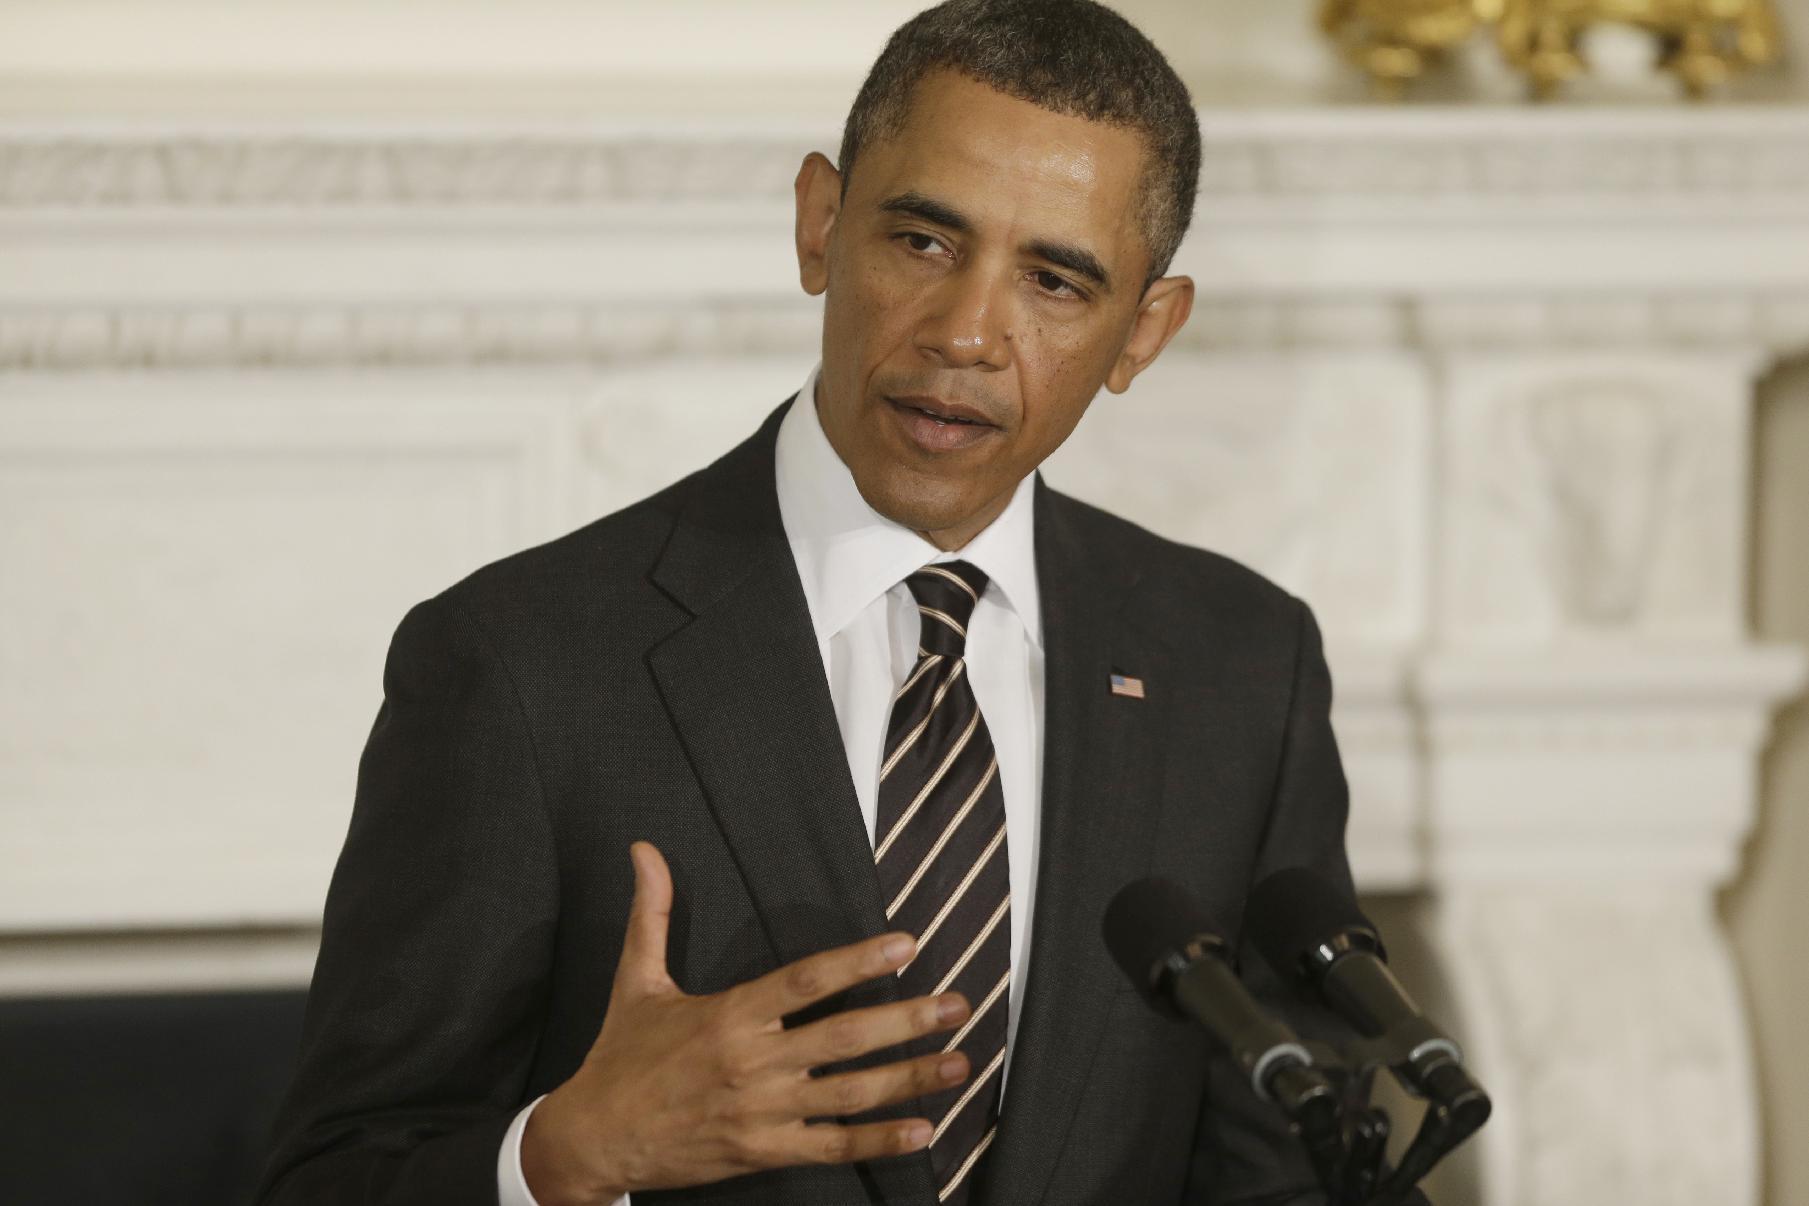 obama memperingatkan risiko atas ketidakpastian anggaran dipotong